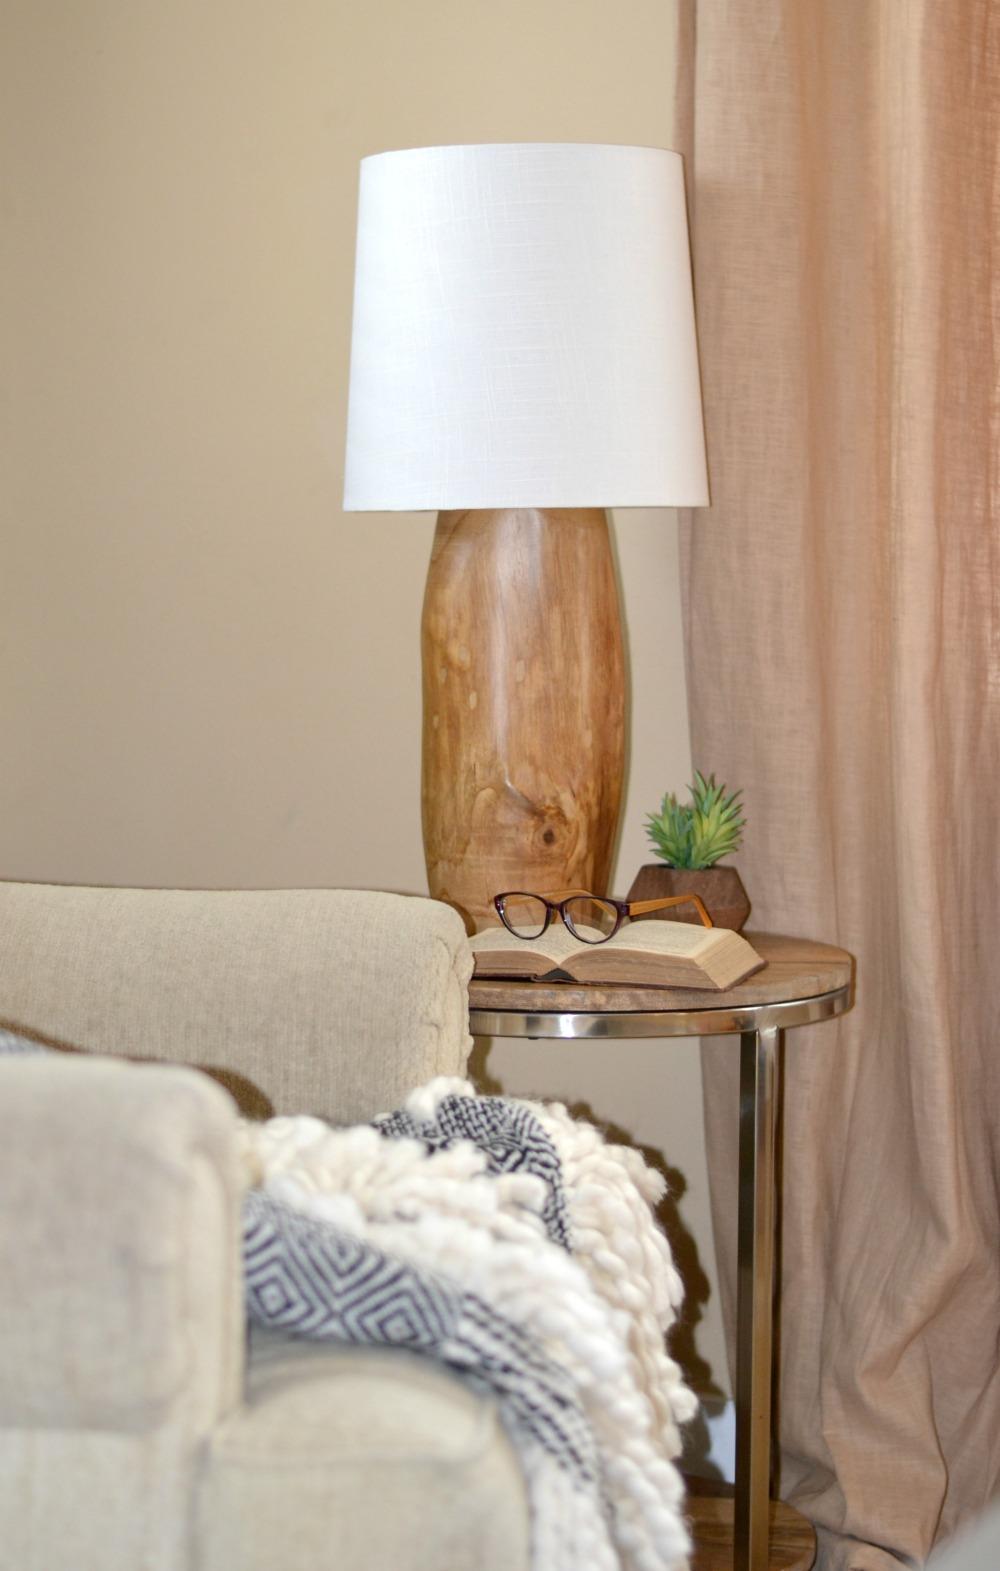 DIY a Modern Tree Stump Natural Wood Lamp - Rachel Teodoro for Diy Wood Lamp Shade  70ref